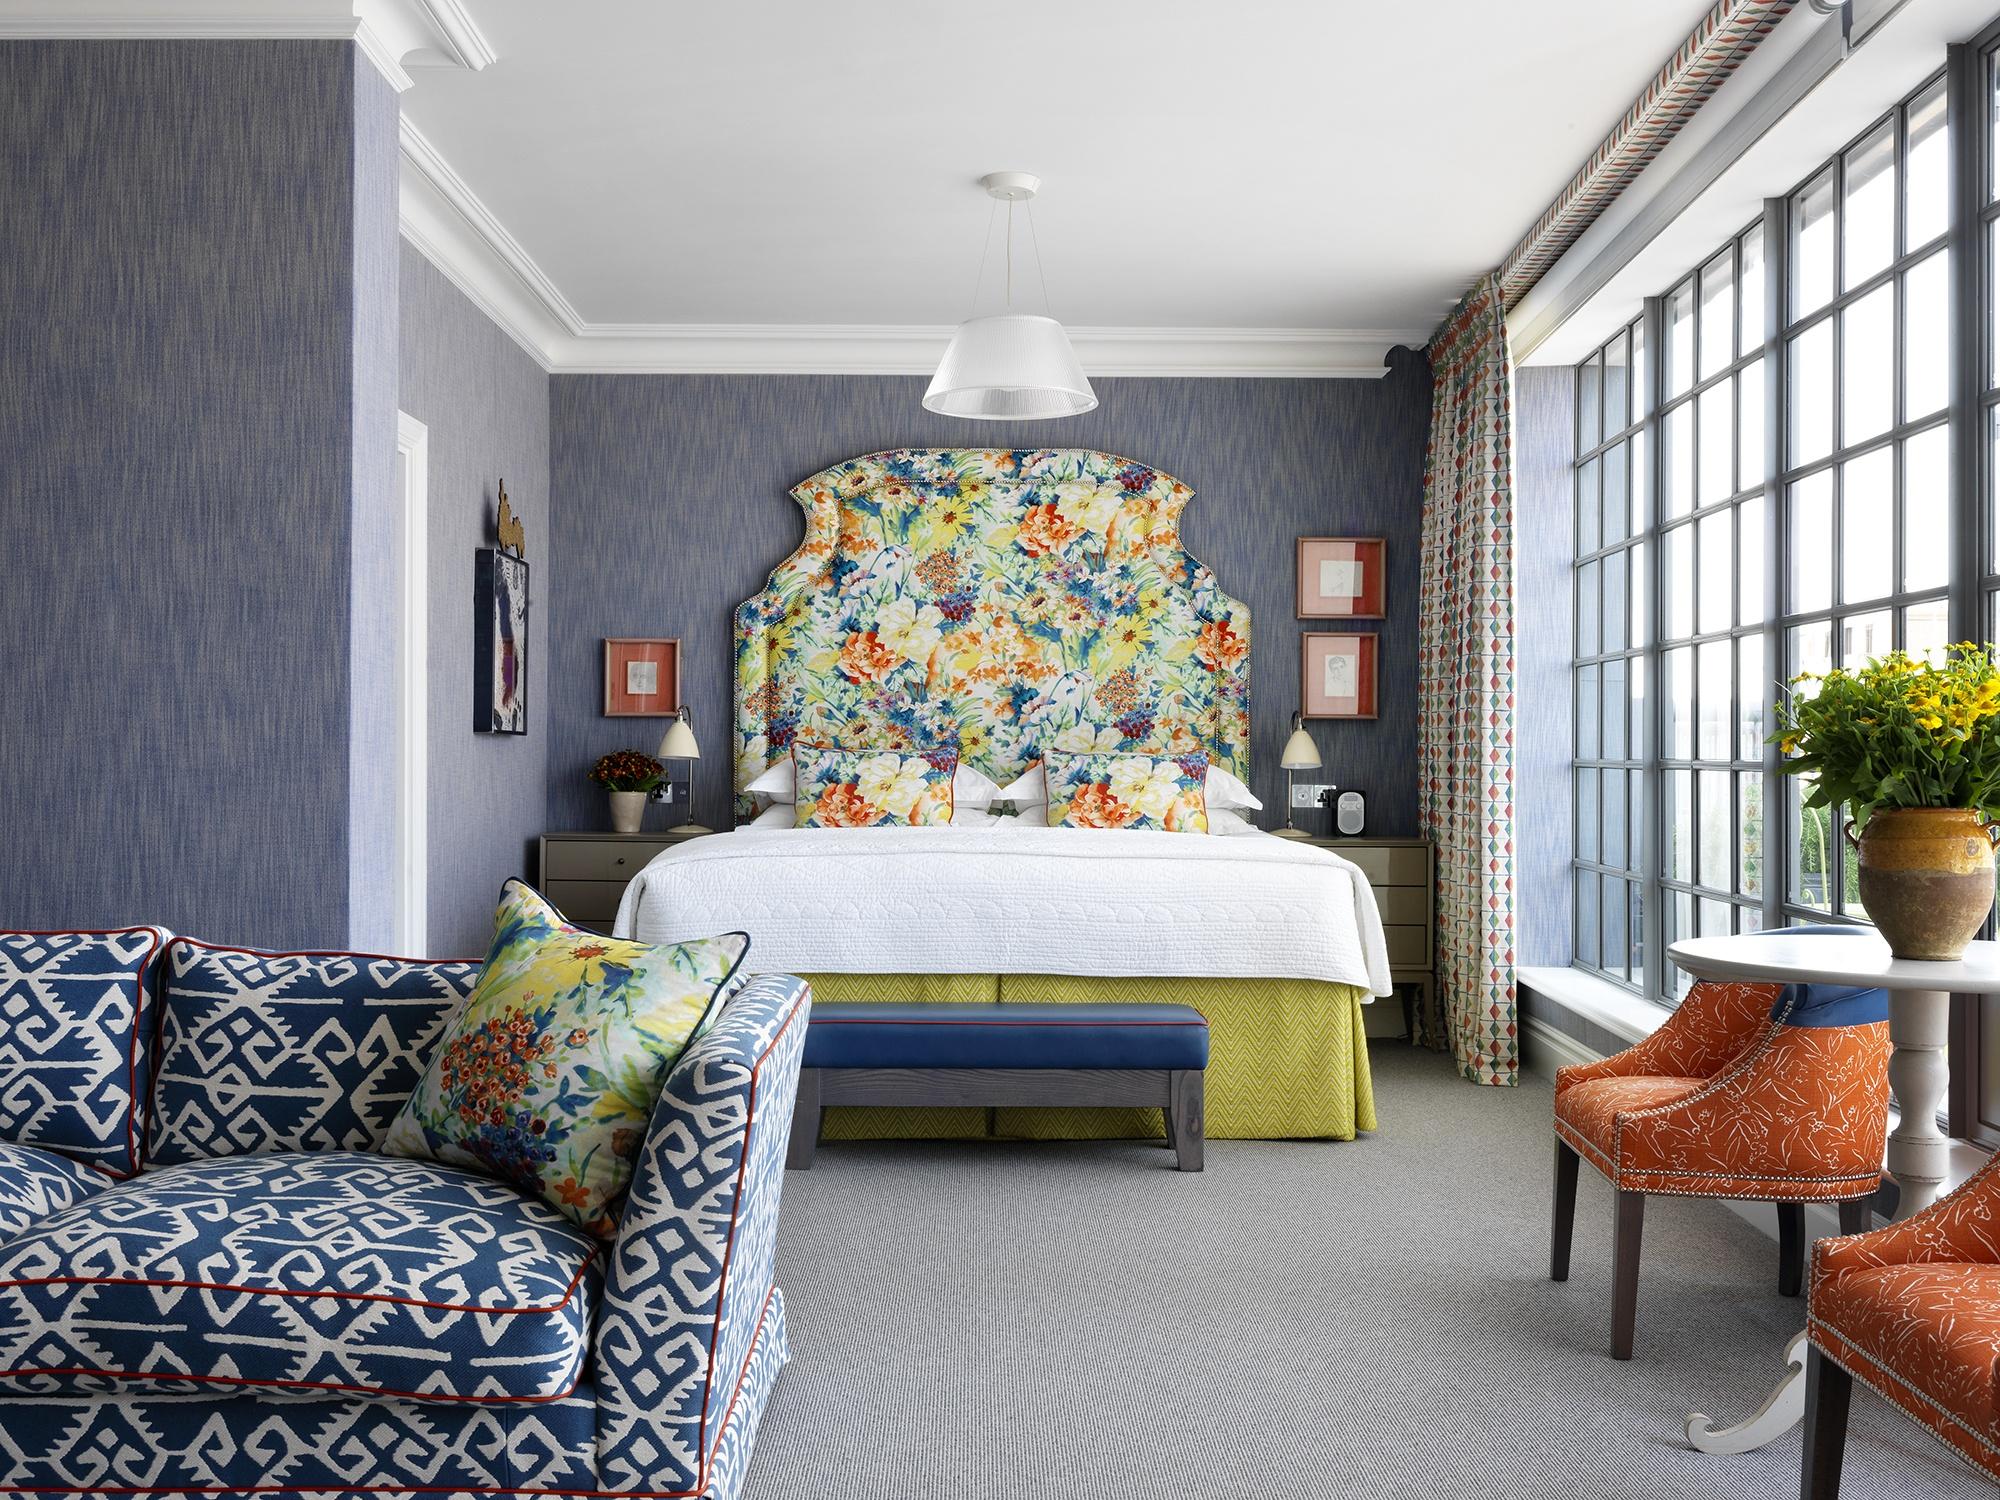 Room 502 At The Soho Hotel Kit Kemp